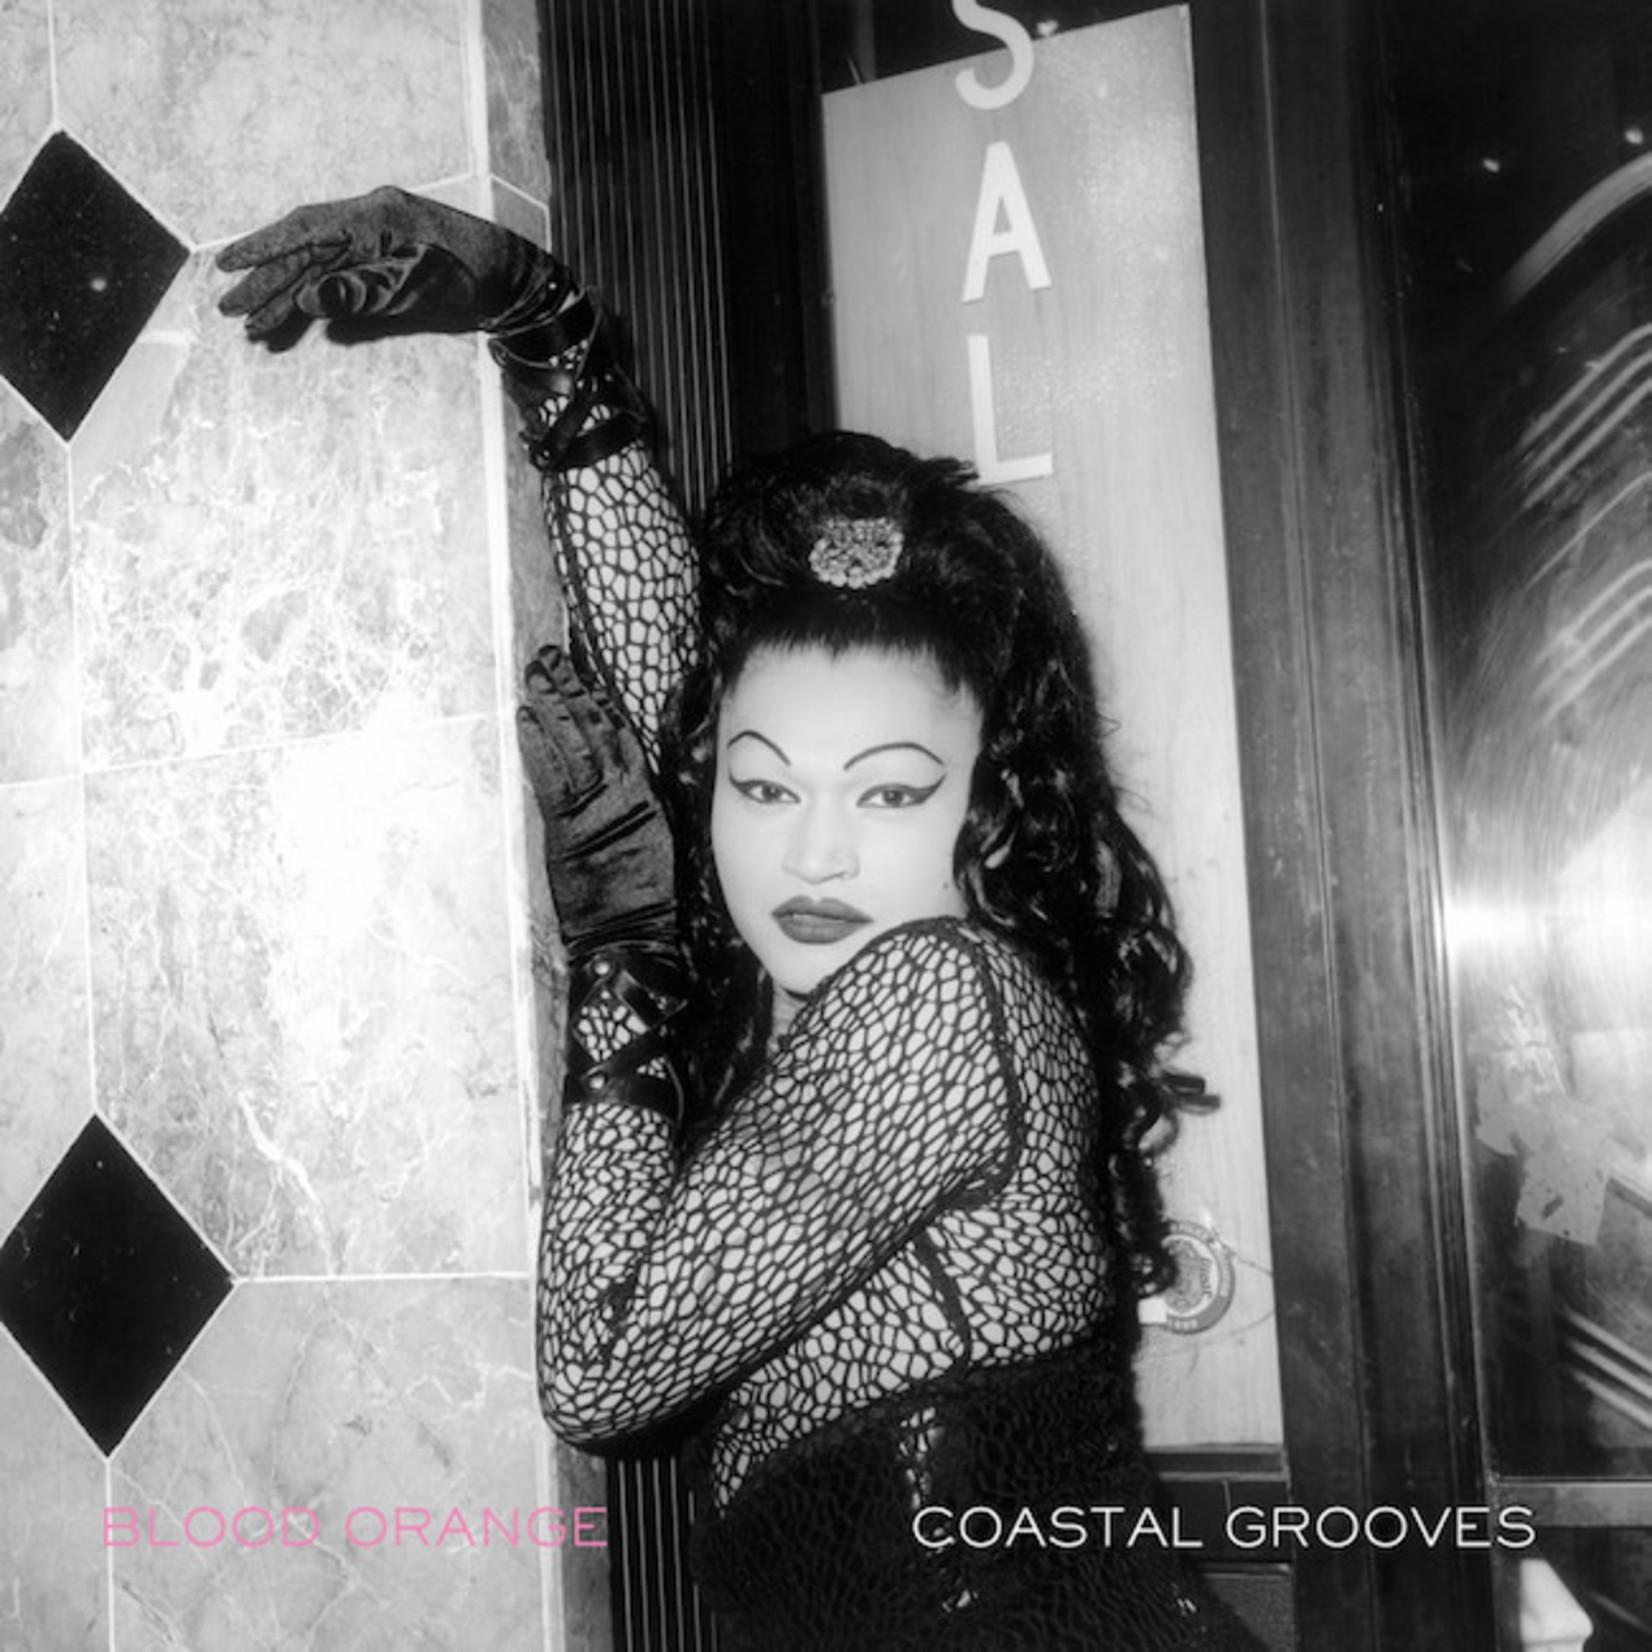 [New] Blood Orange: Coastal Grooves